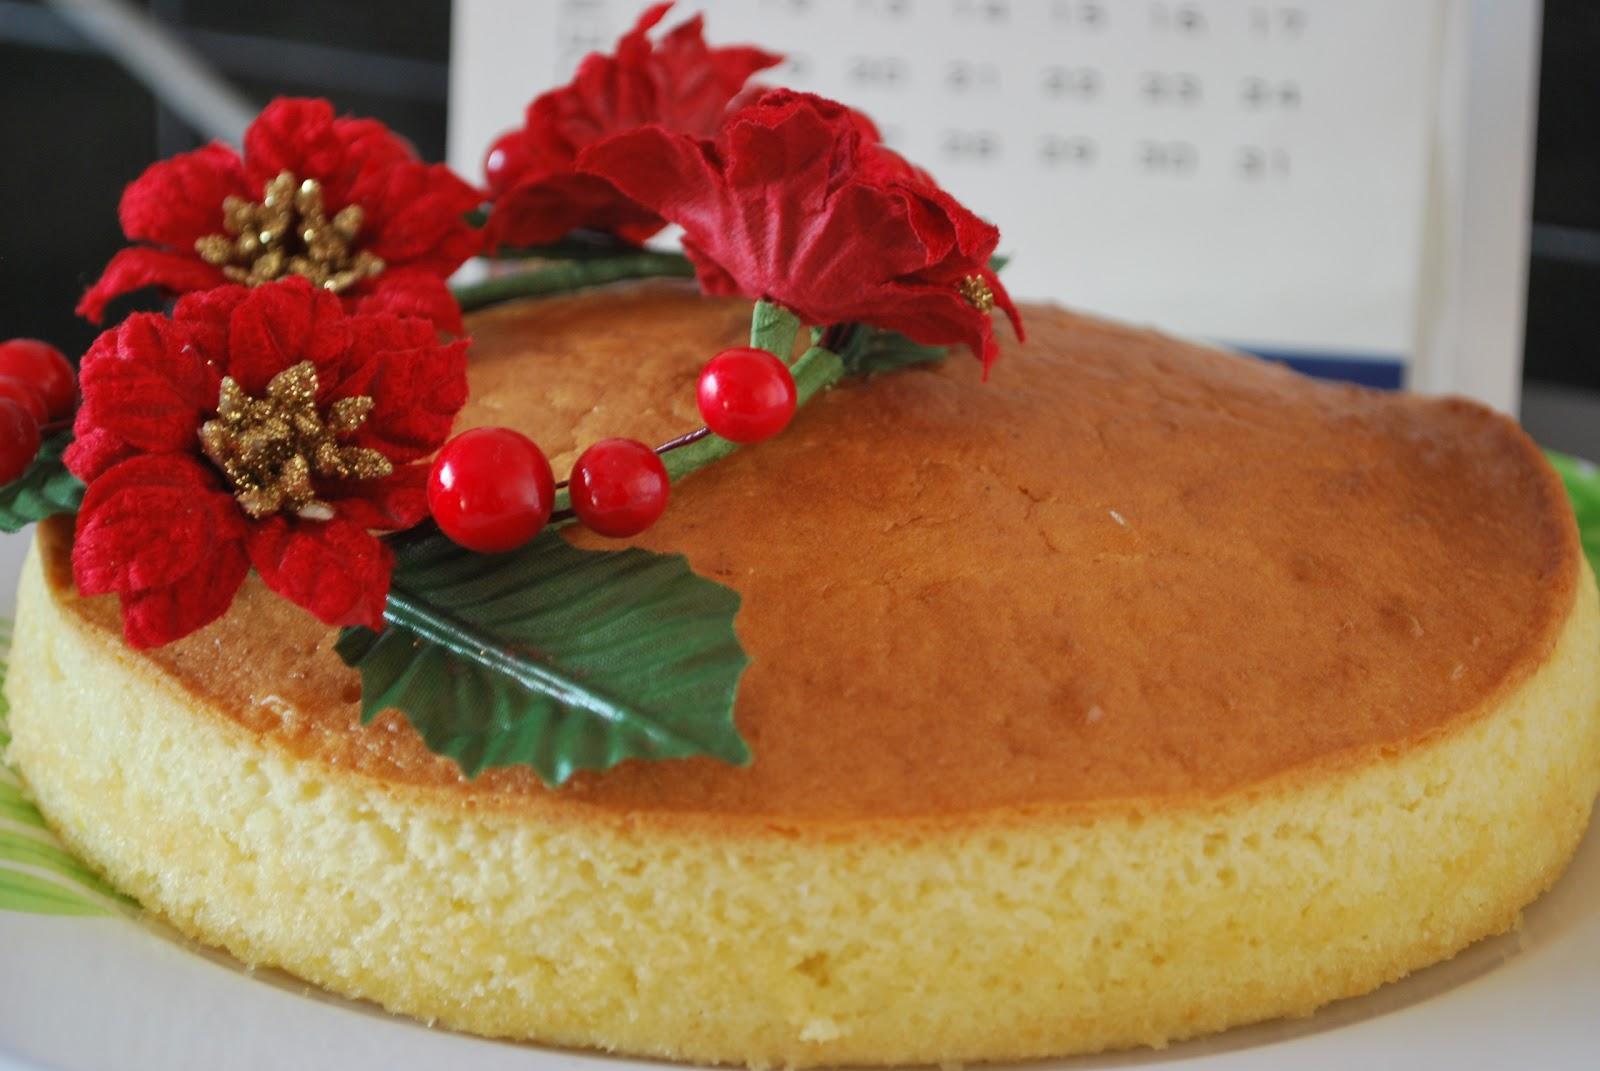 What Do Welsh Cakes Taste Like